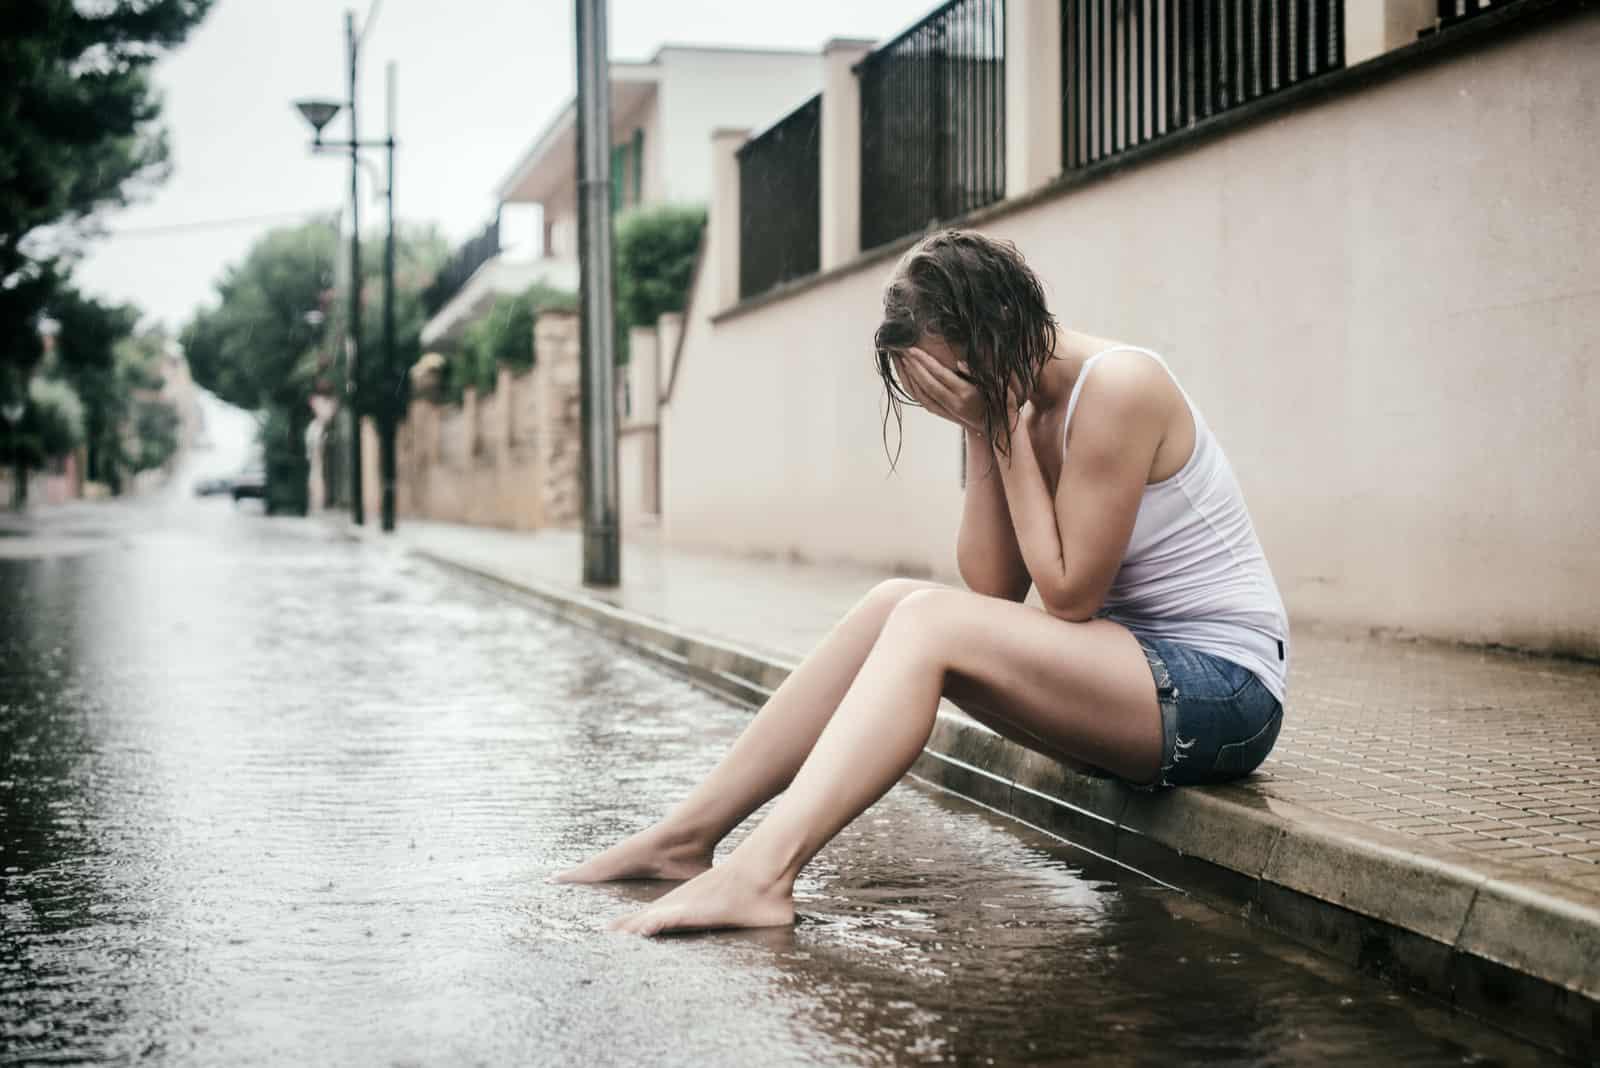 en sorglig kvinna sitter på trottoaren i regnet och gråter